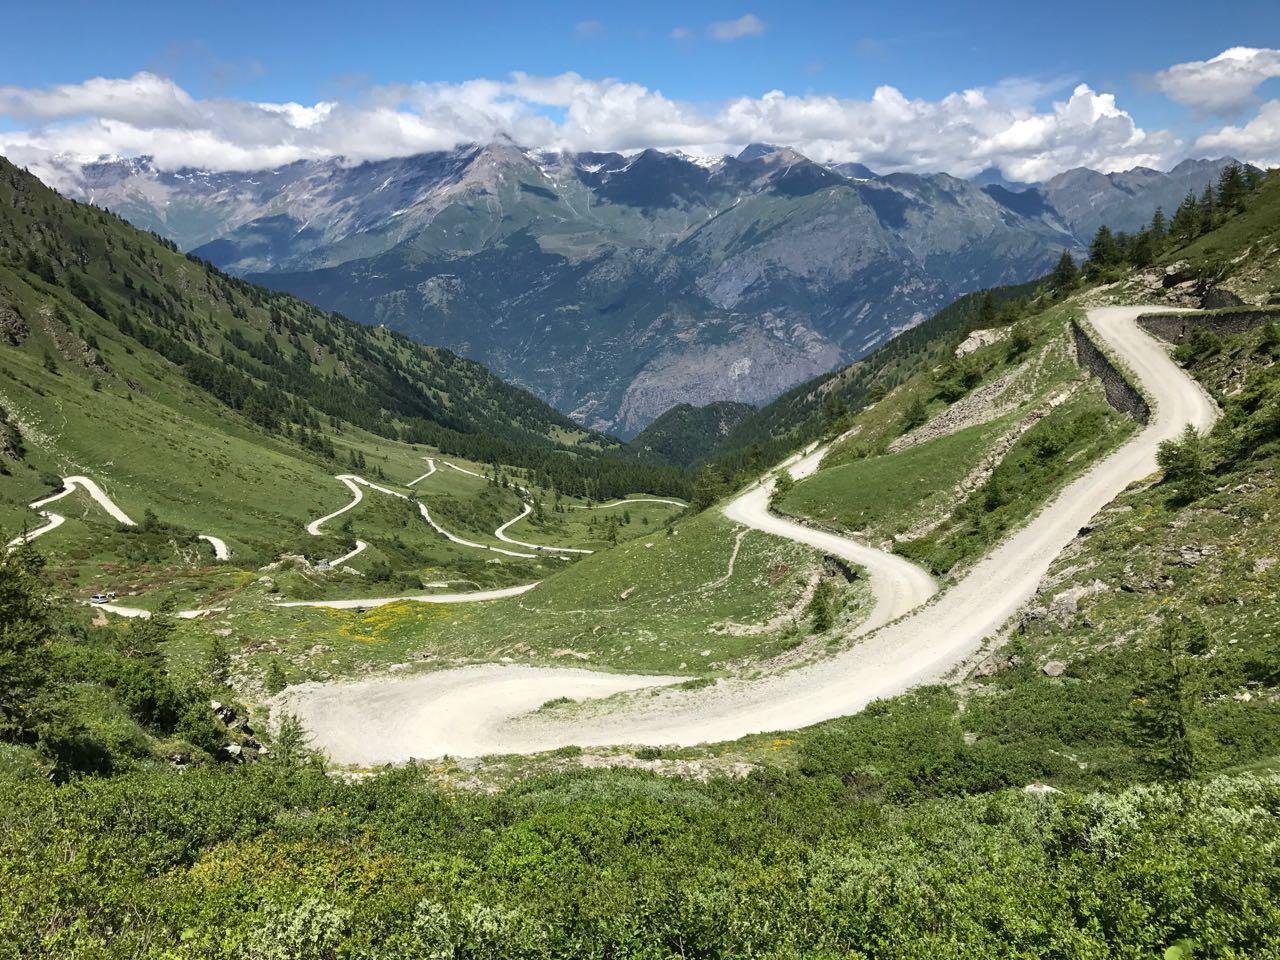 Rennradtour Sanremo - Bolzano: Schotterauffahrt Finestre